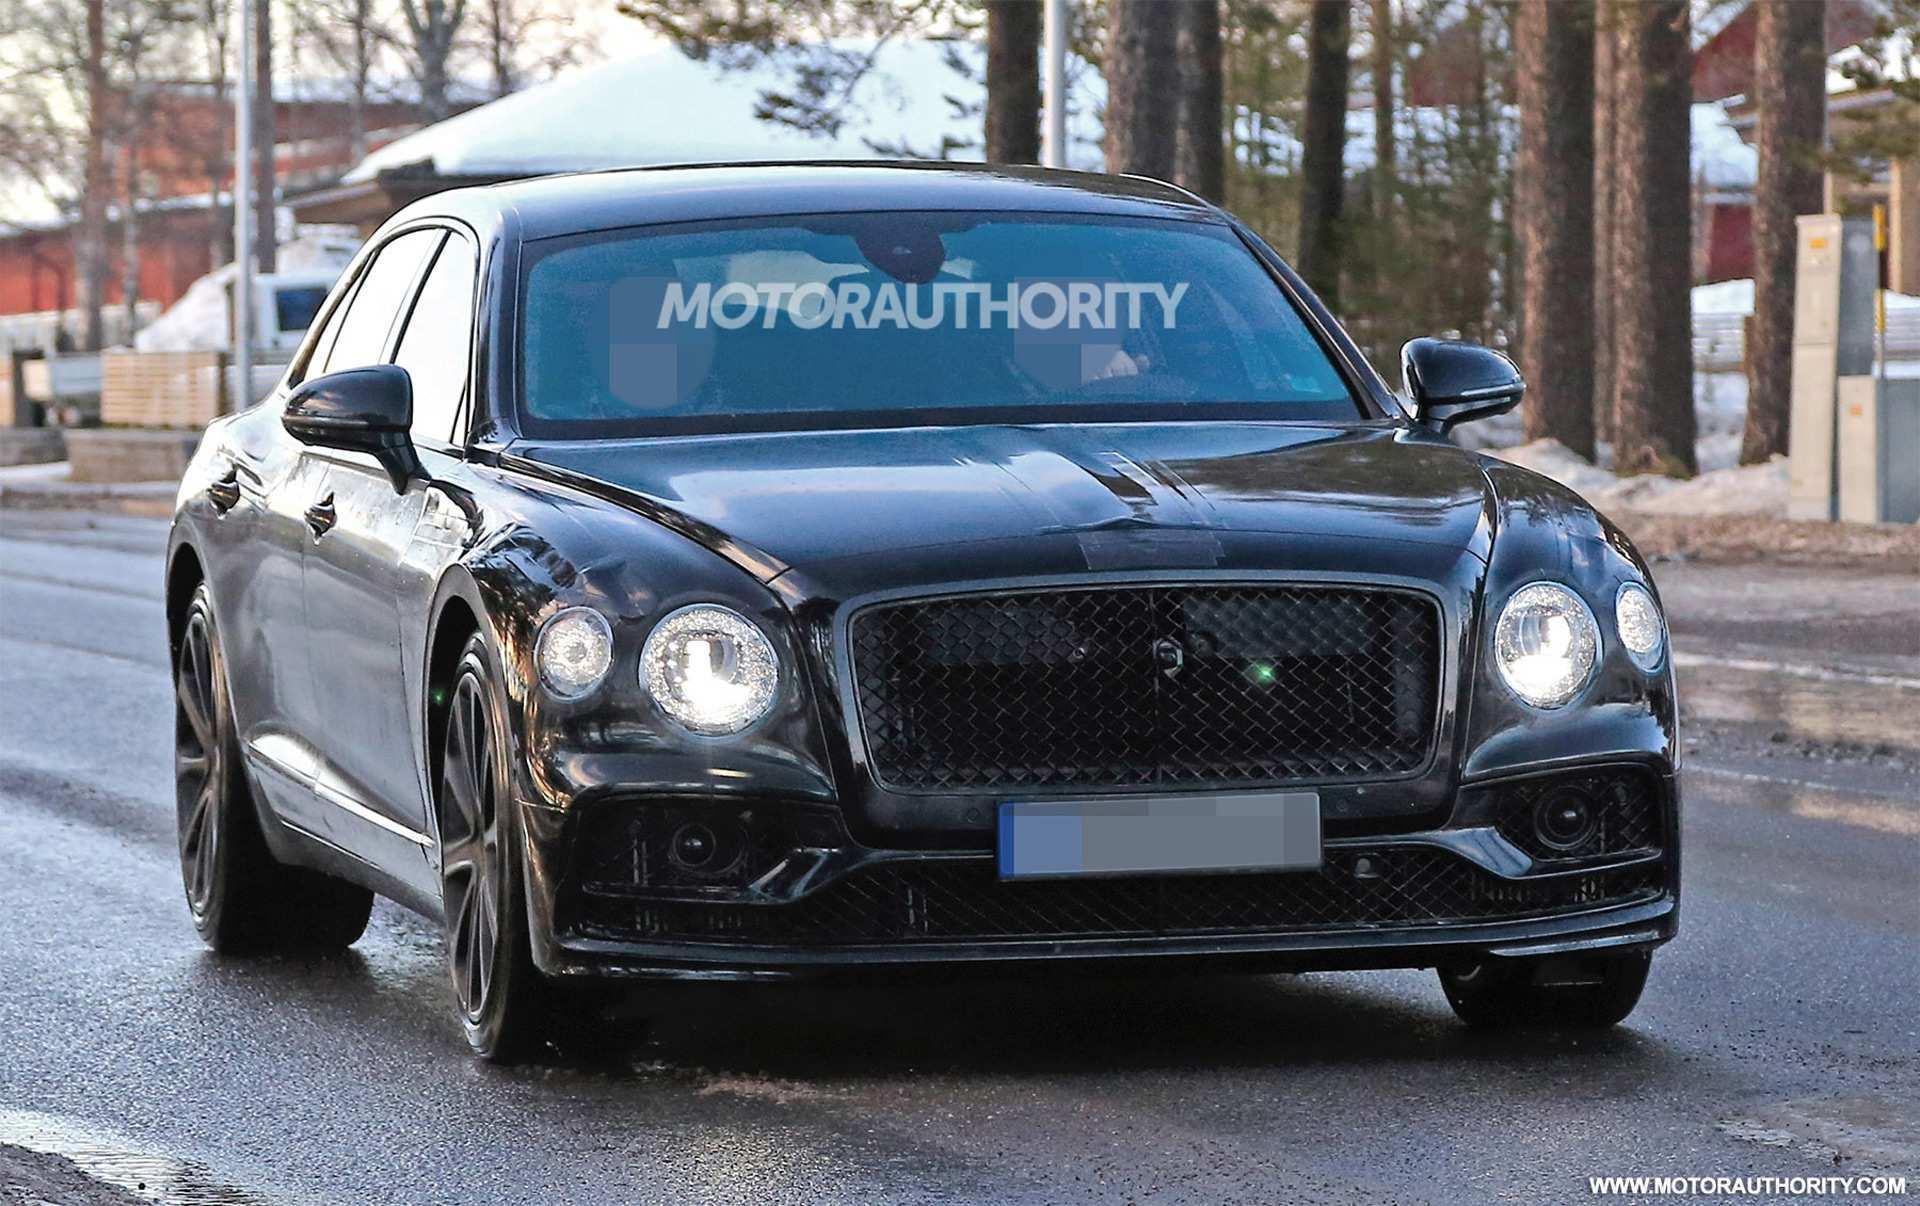 94 New Bentley Neuheiten 2020 Speed Test by Bentley Neuheiten 2020